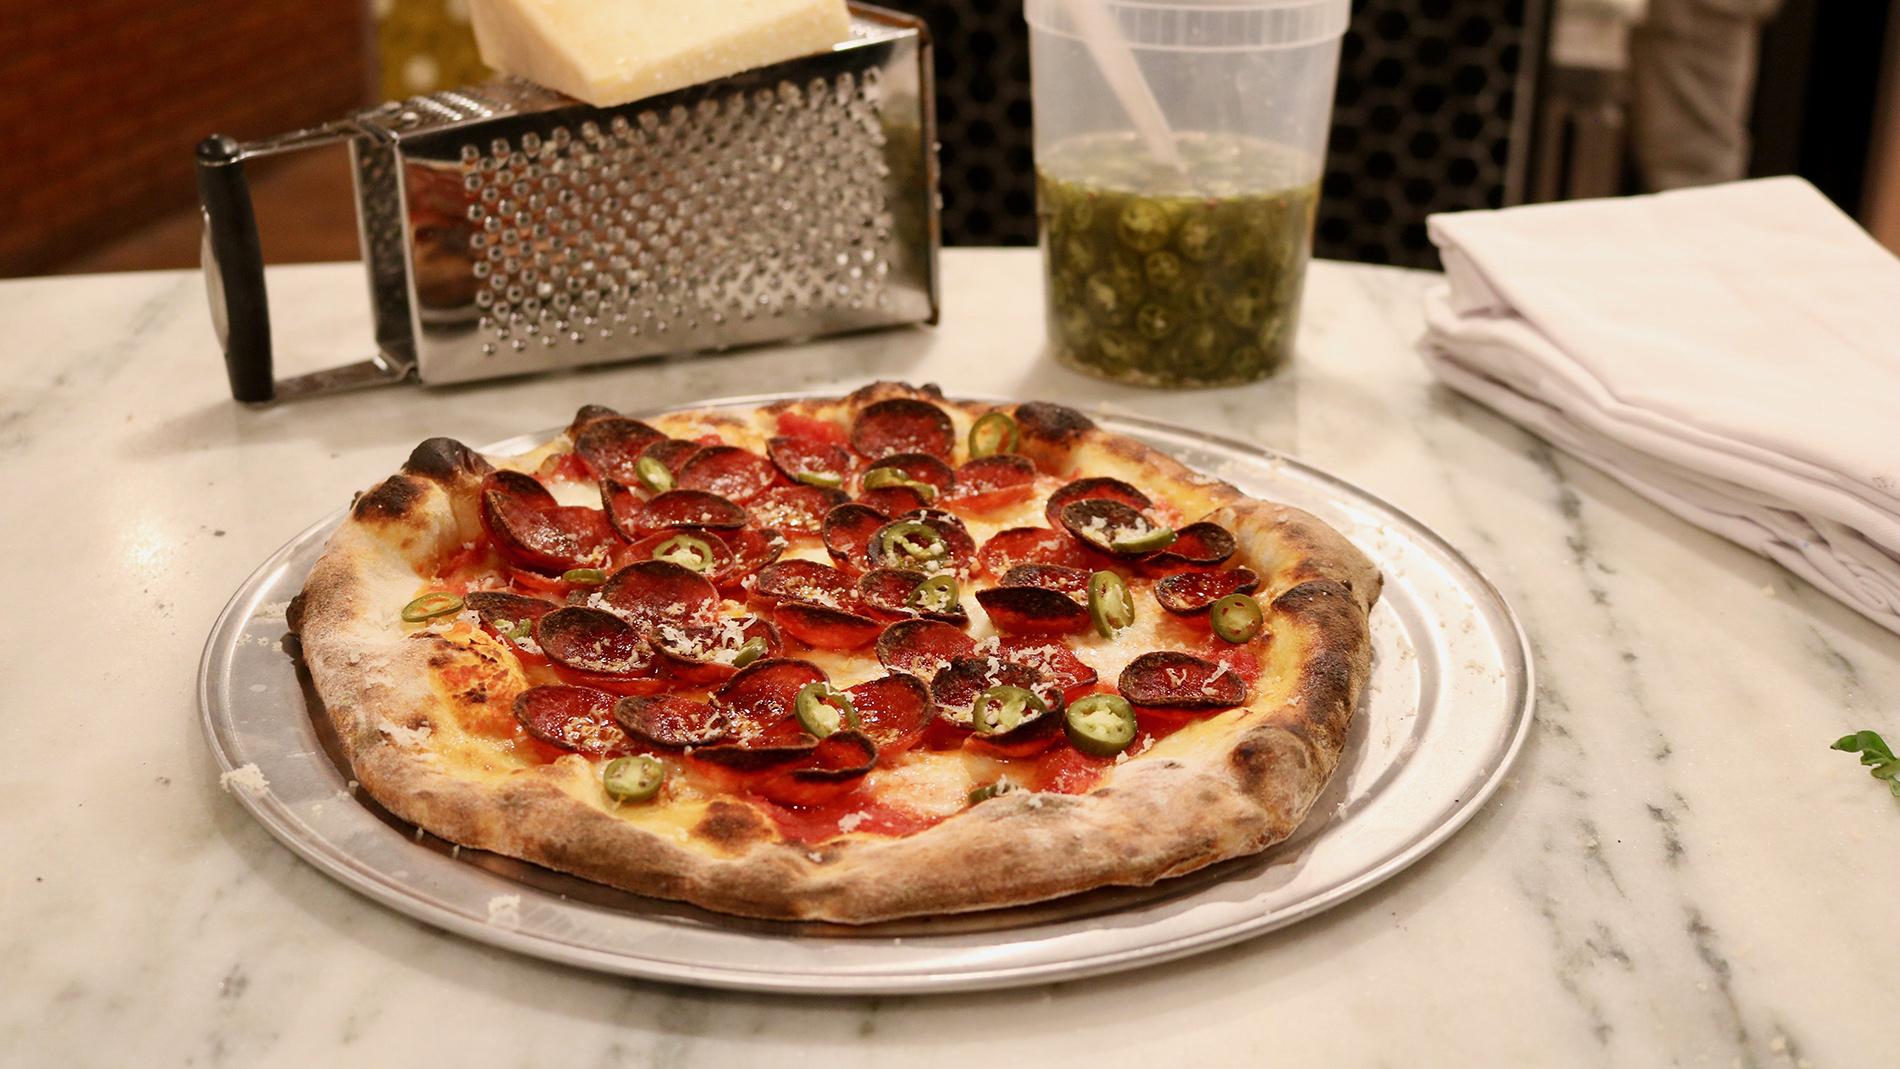 pepperoni pizza from pizzeria da gloria in st. louis